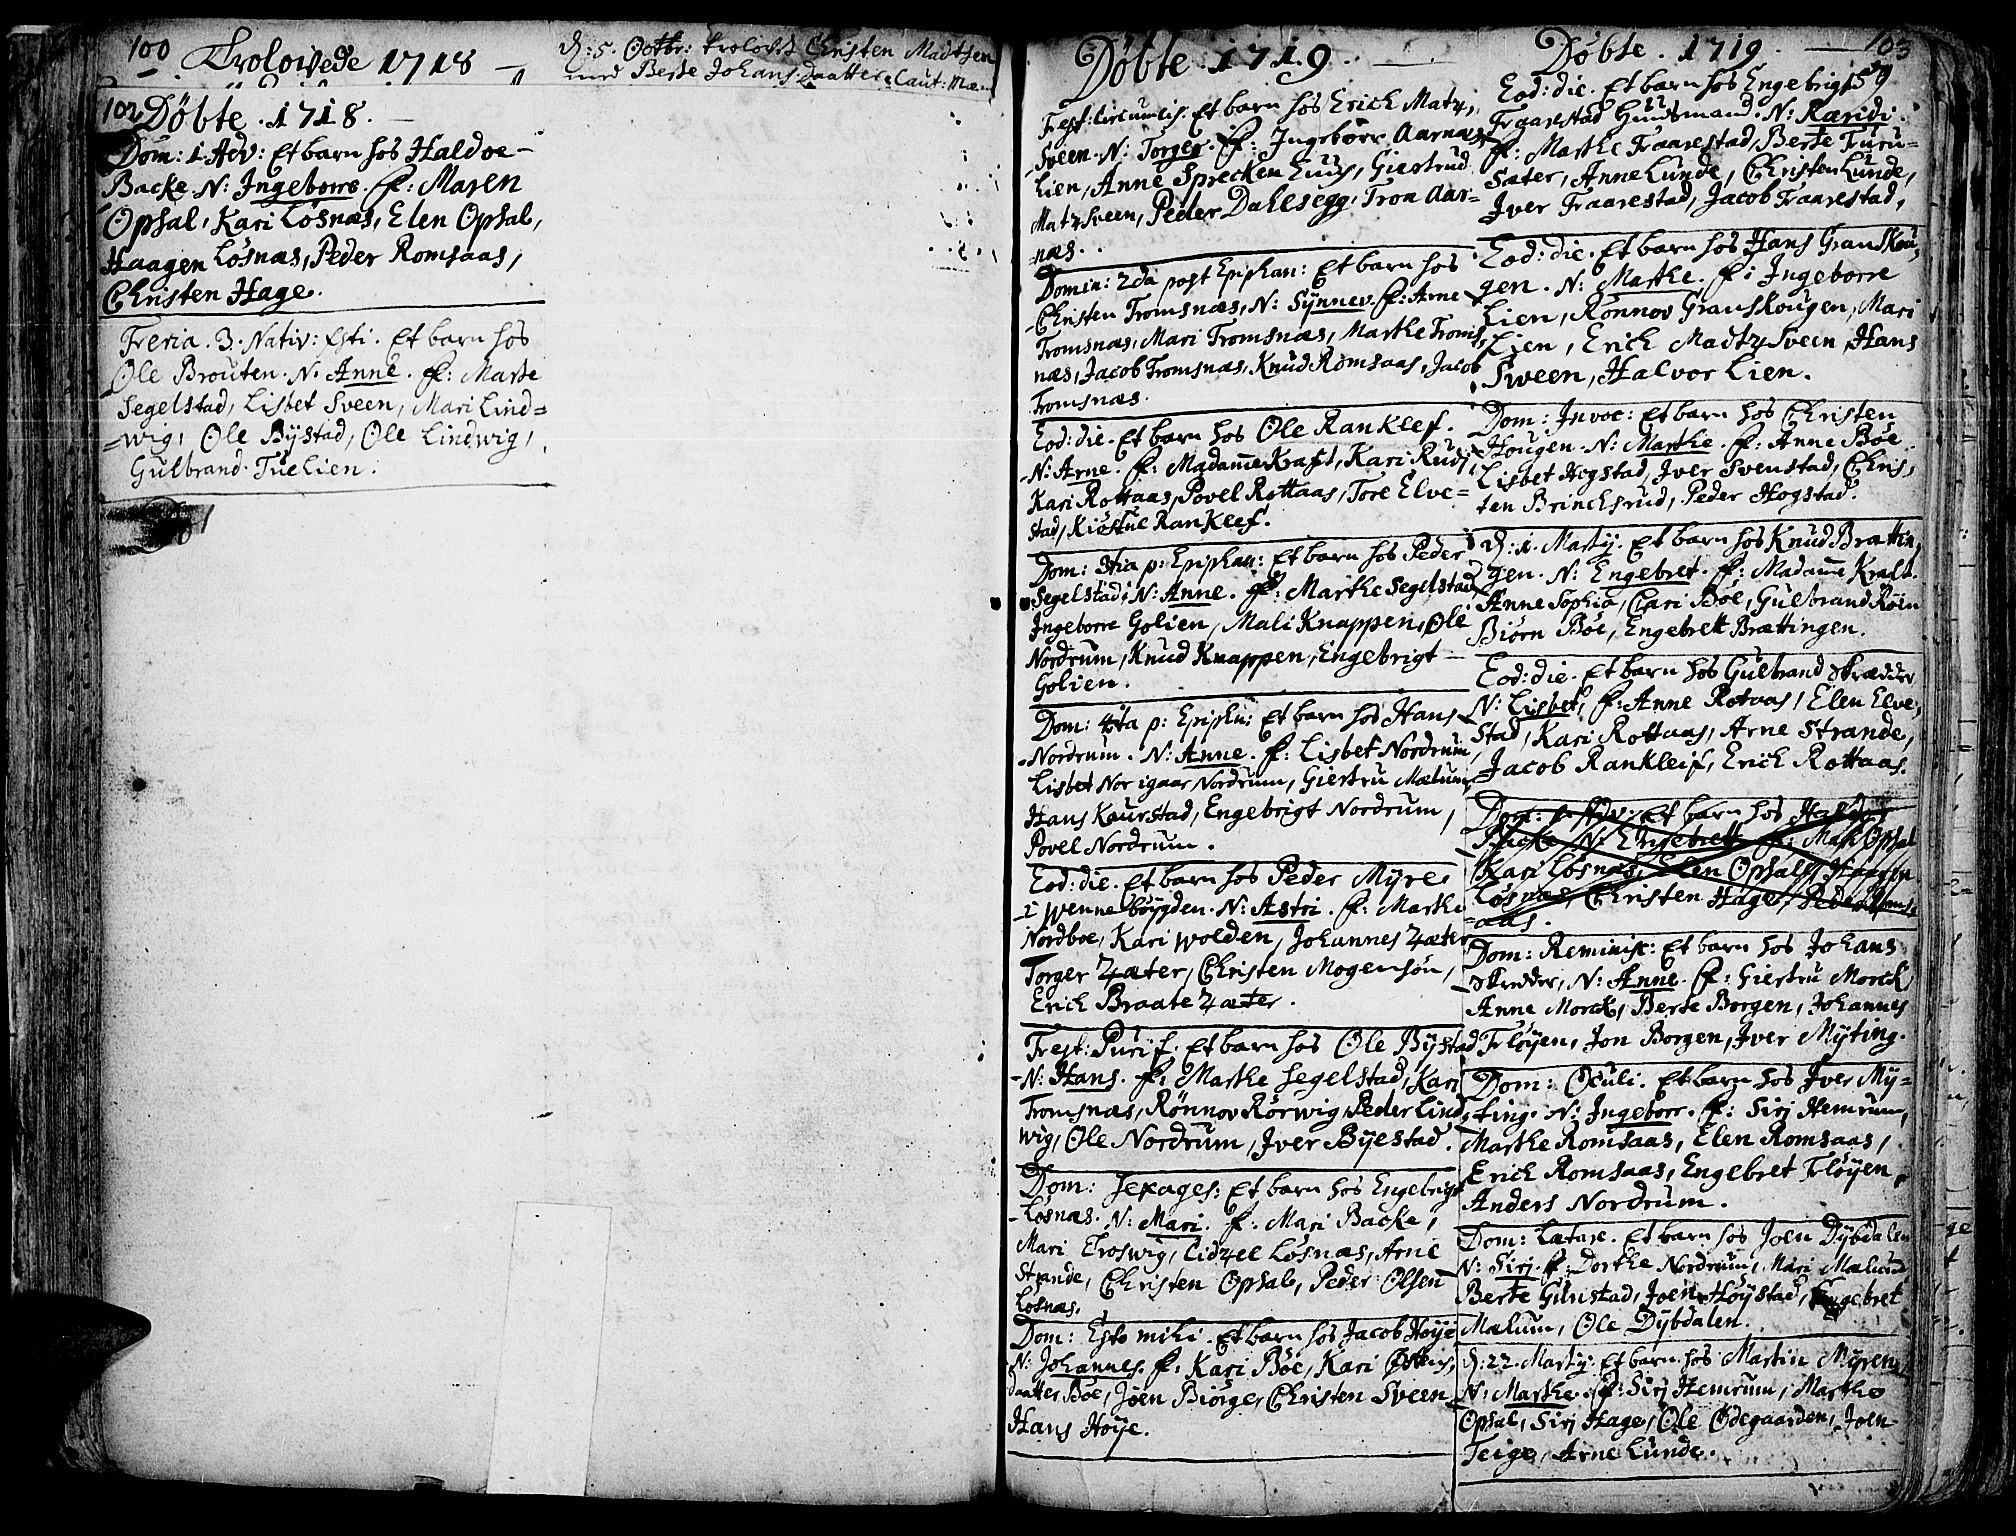 SAH, Ringebu prestekontor, Parish register (official) no. 1, 1696-1733, p. 102-103